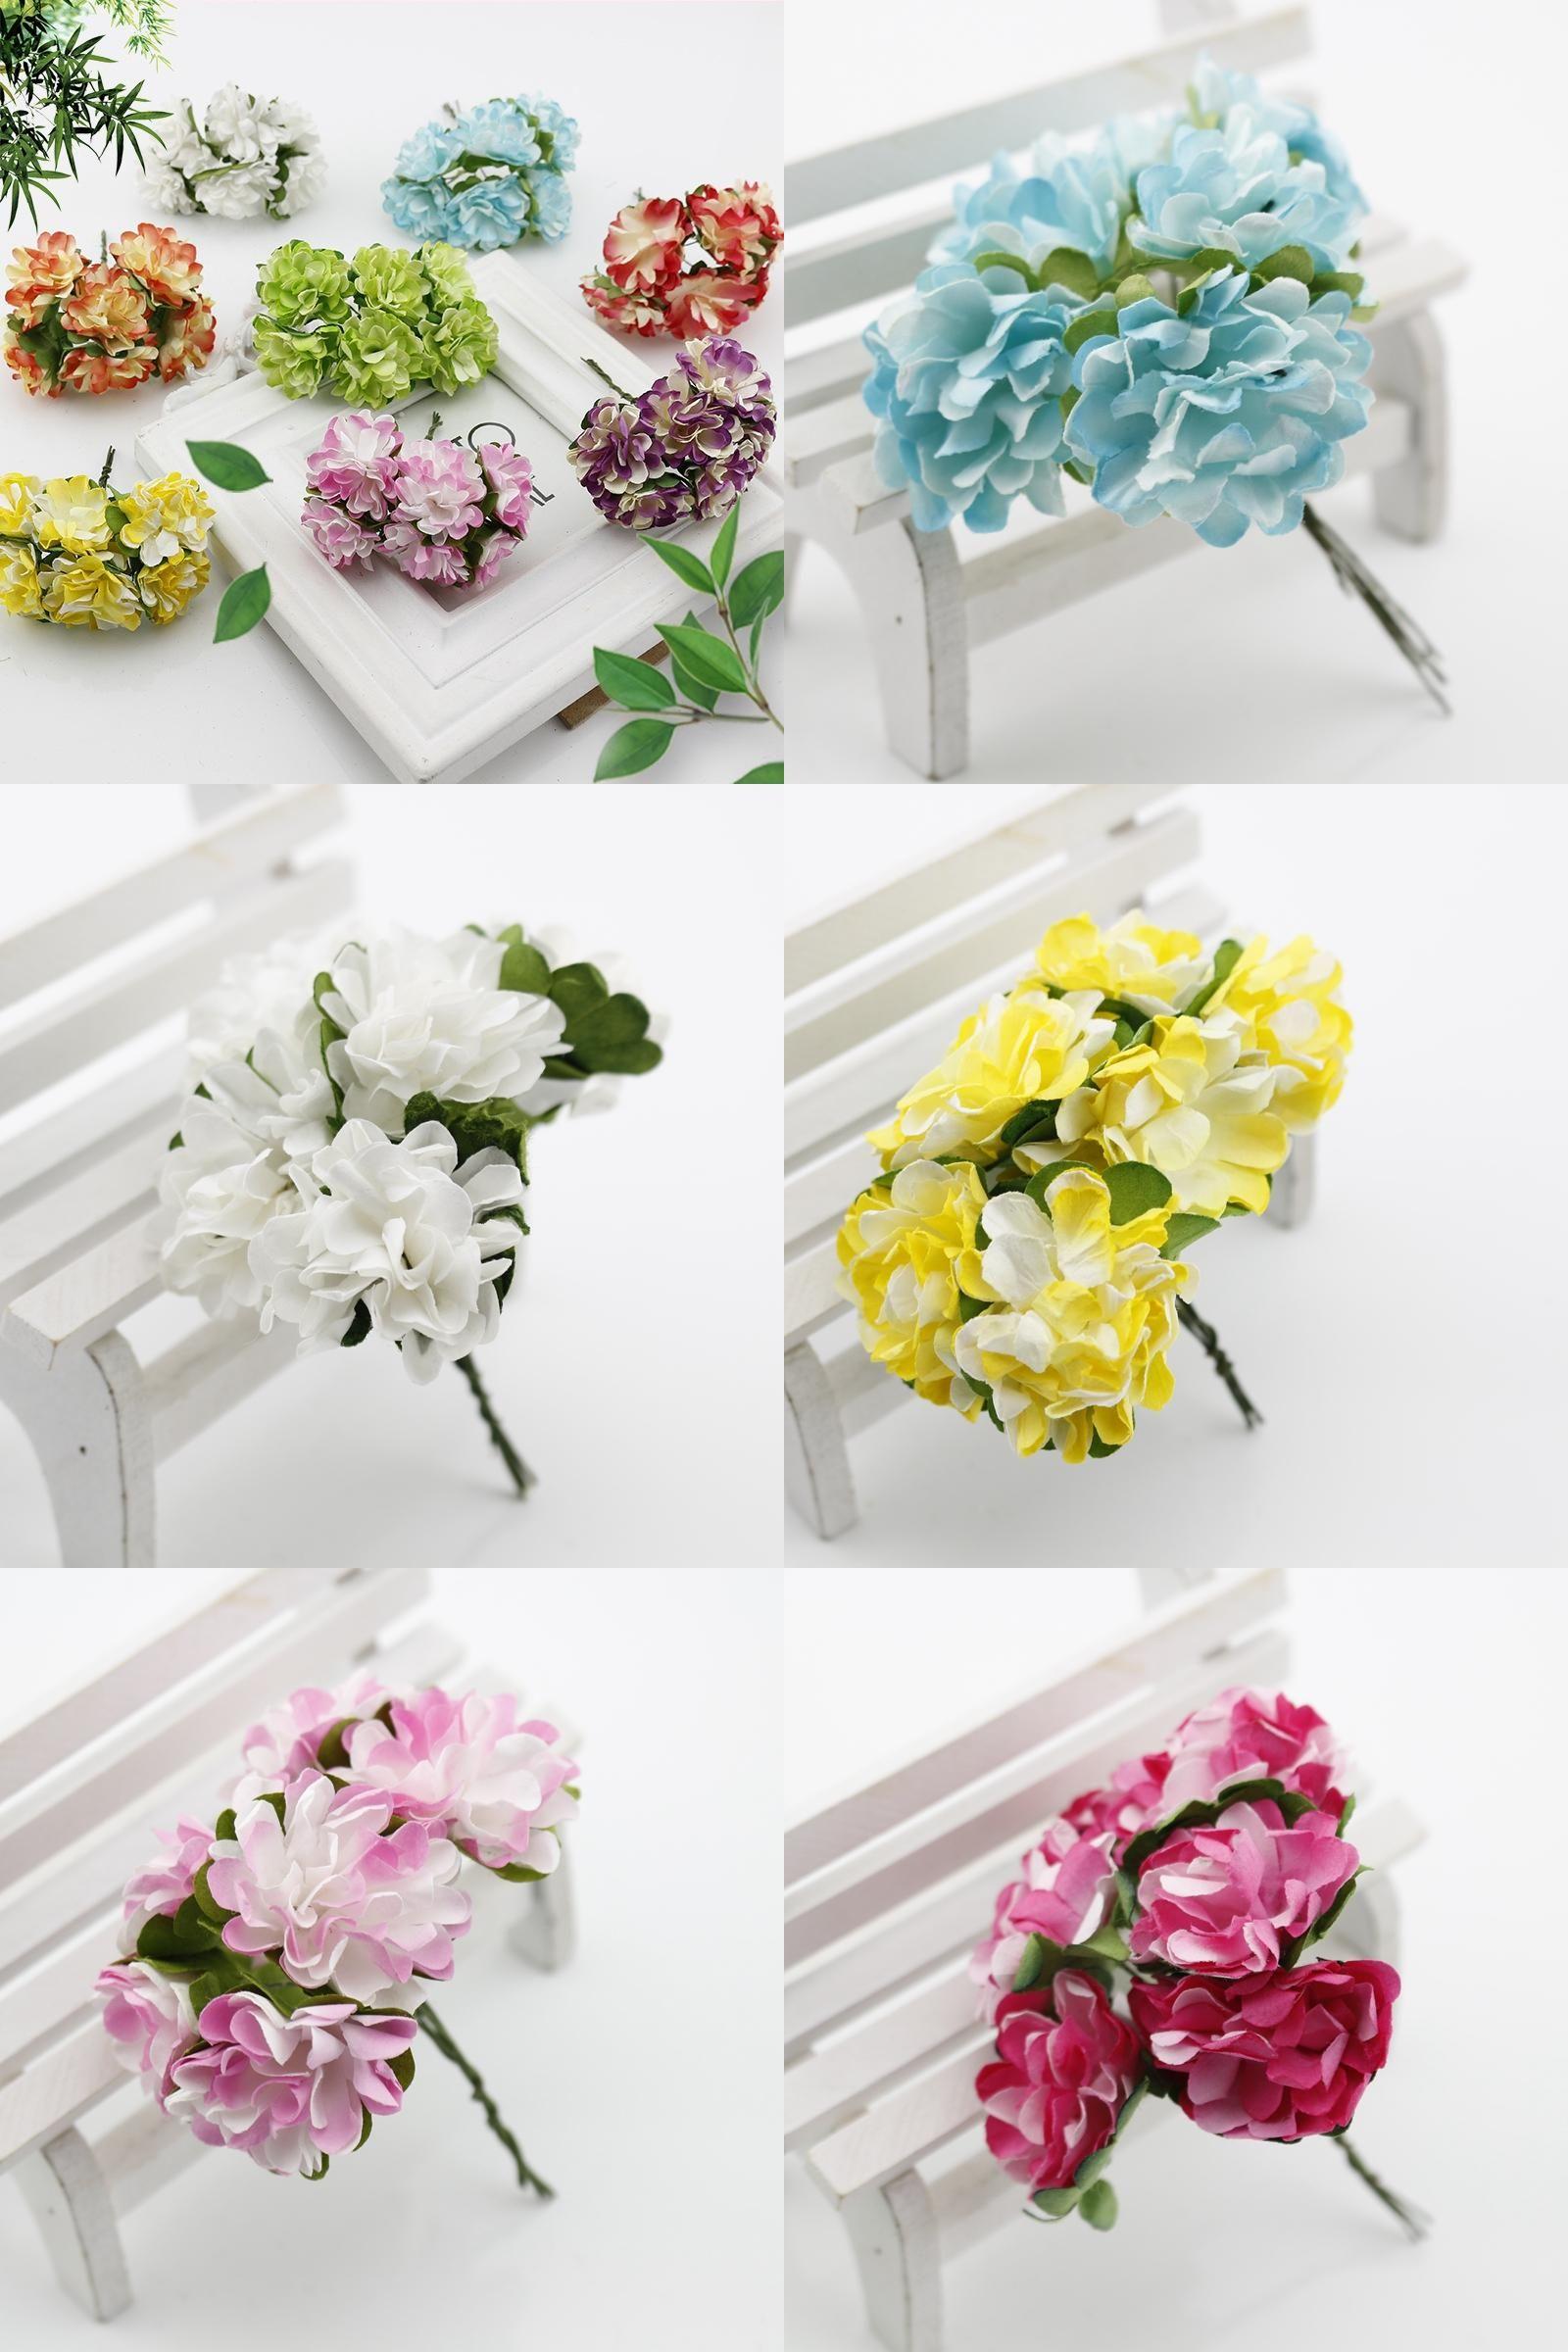 Visit To Buy 12 Pcs Gift Box Scrapbooking Mini Carnation Paper